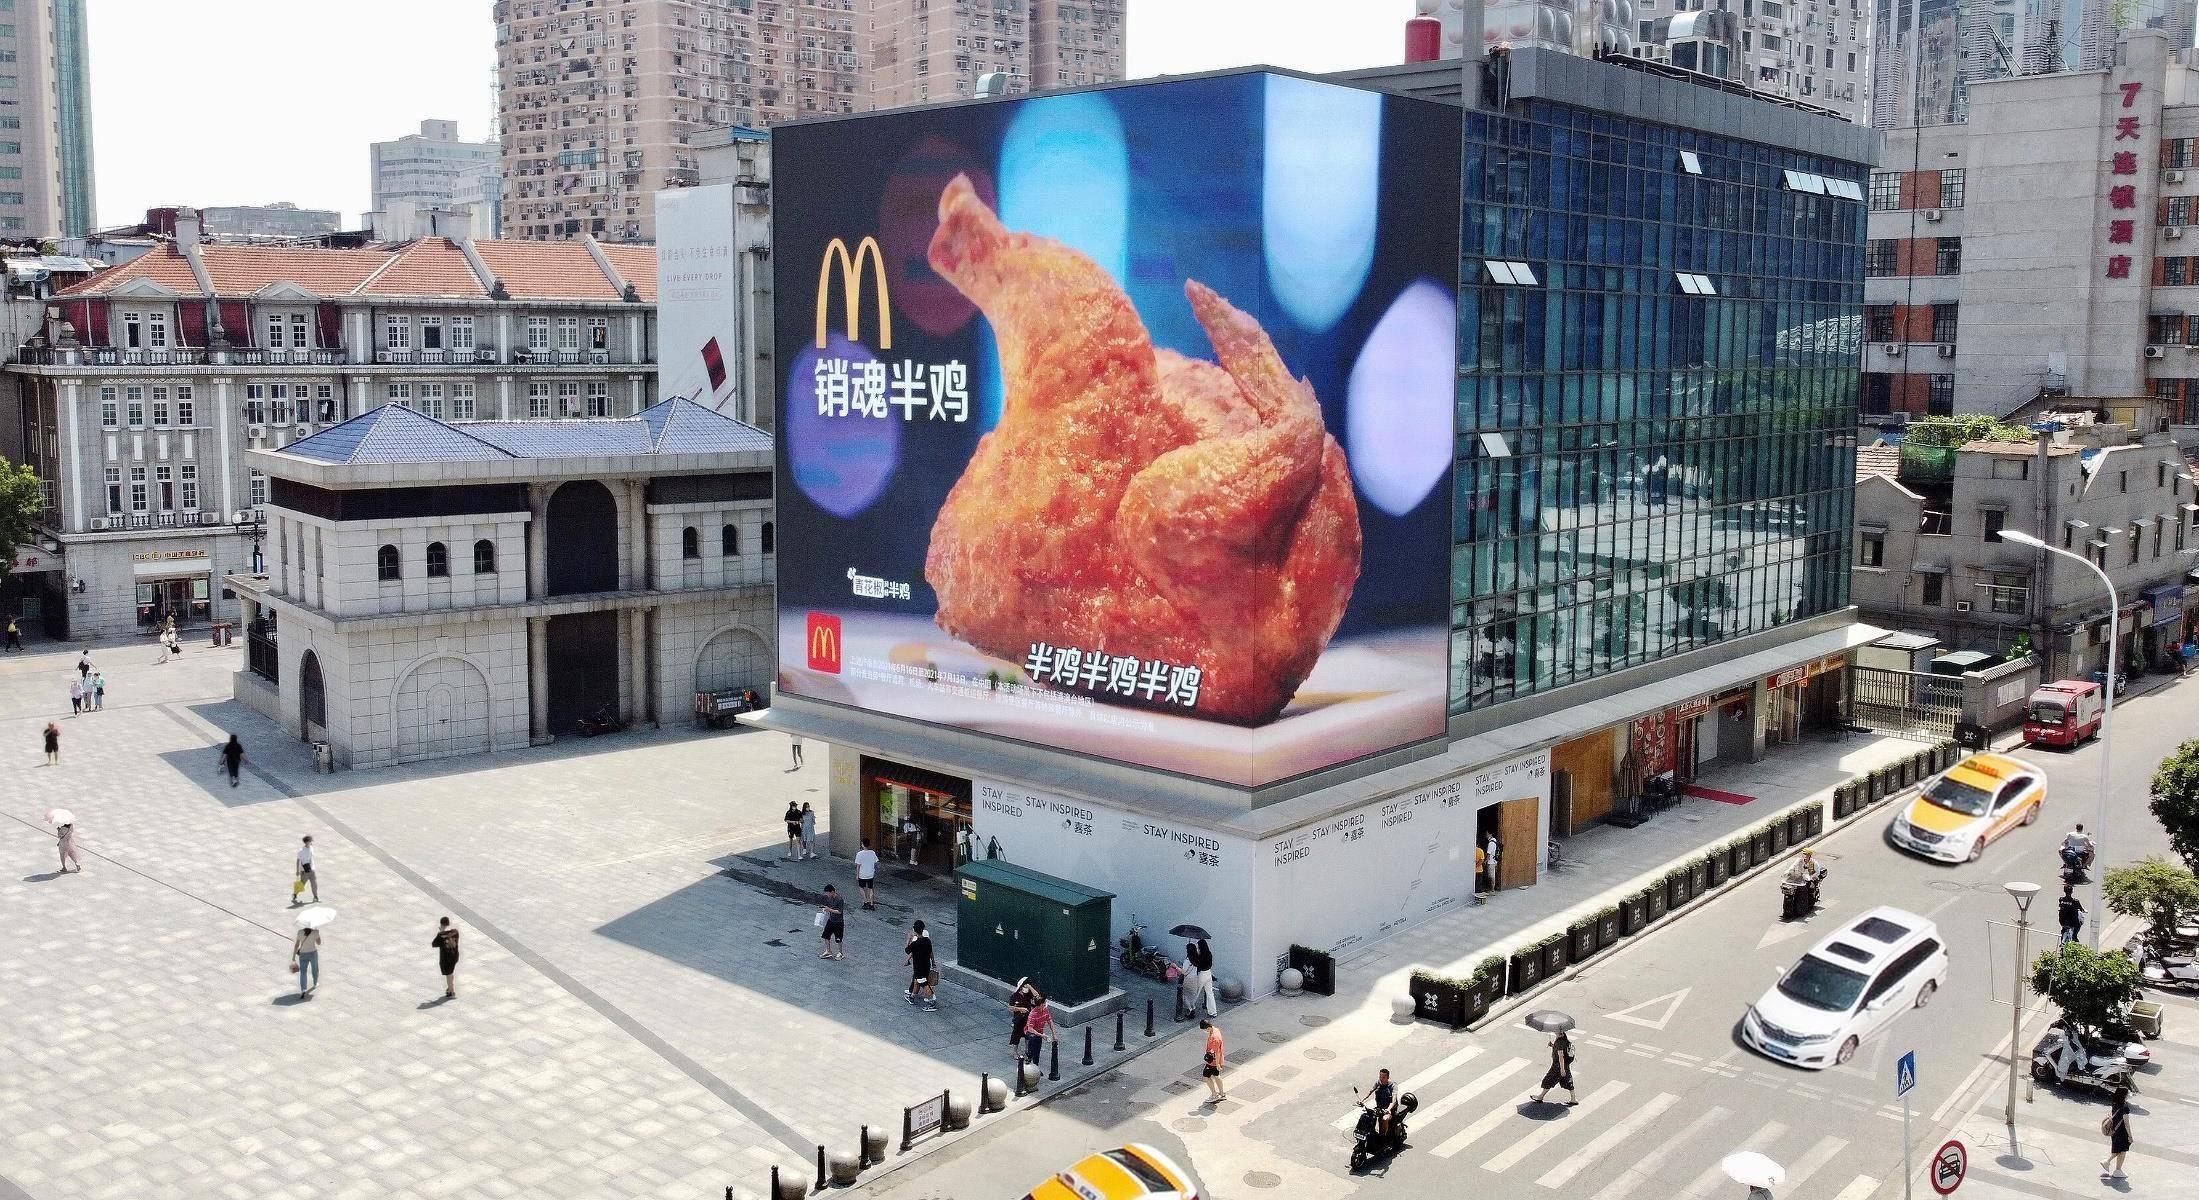 【户外3D大屏】武汉江汉路步行街三联书店大屏